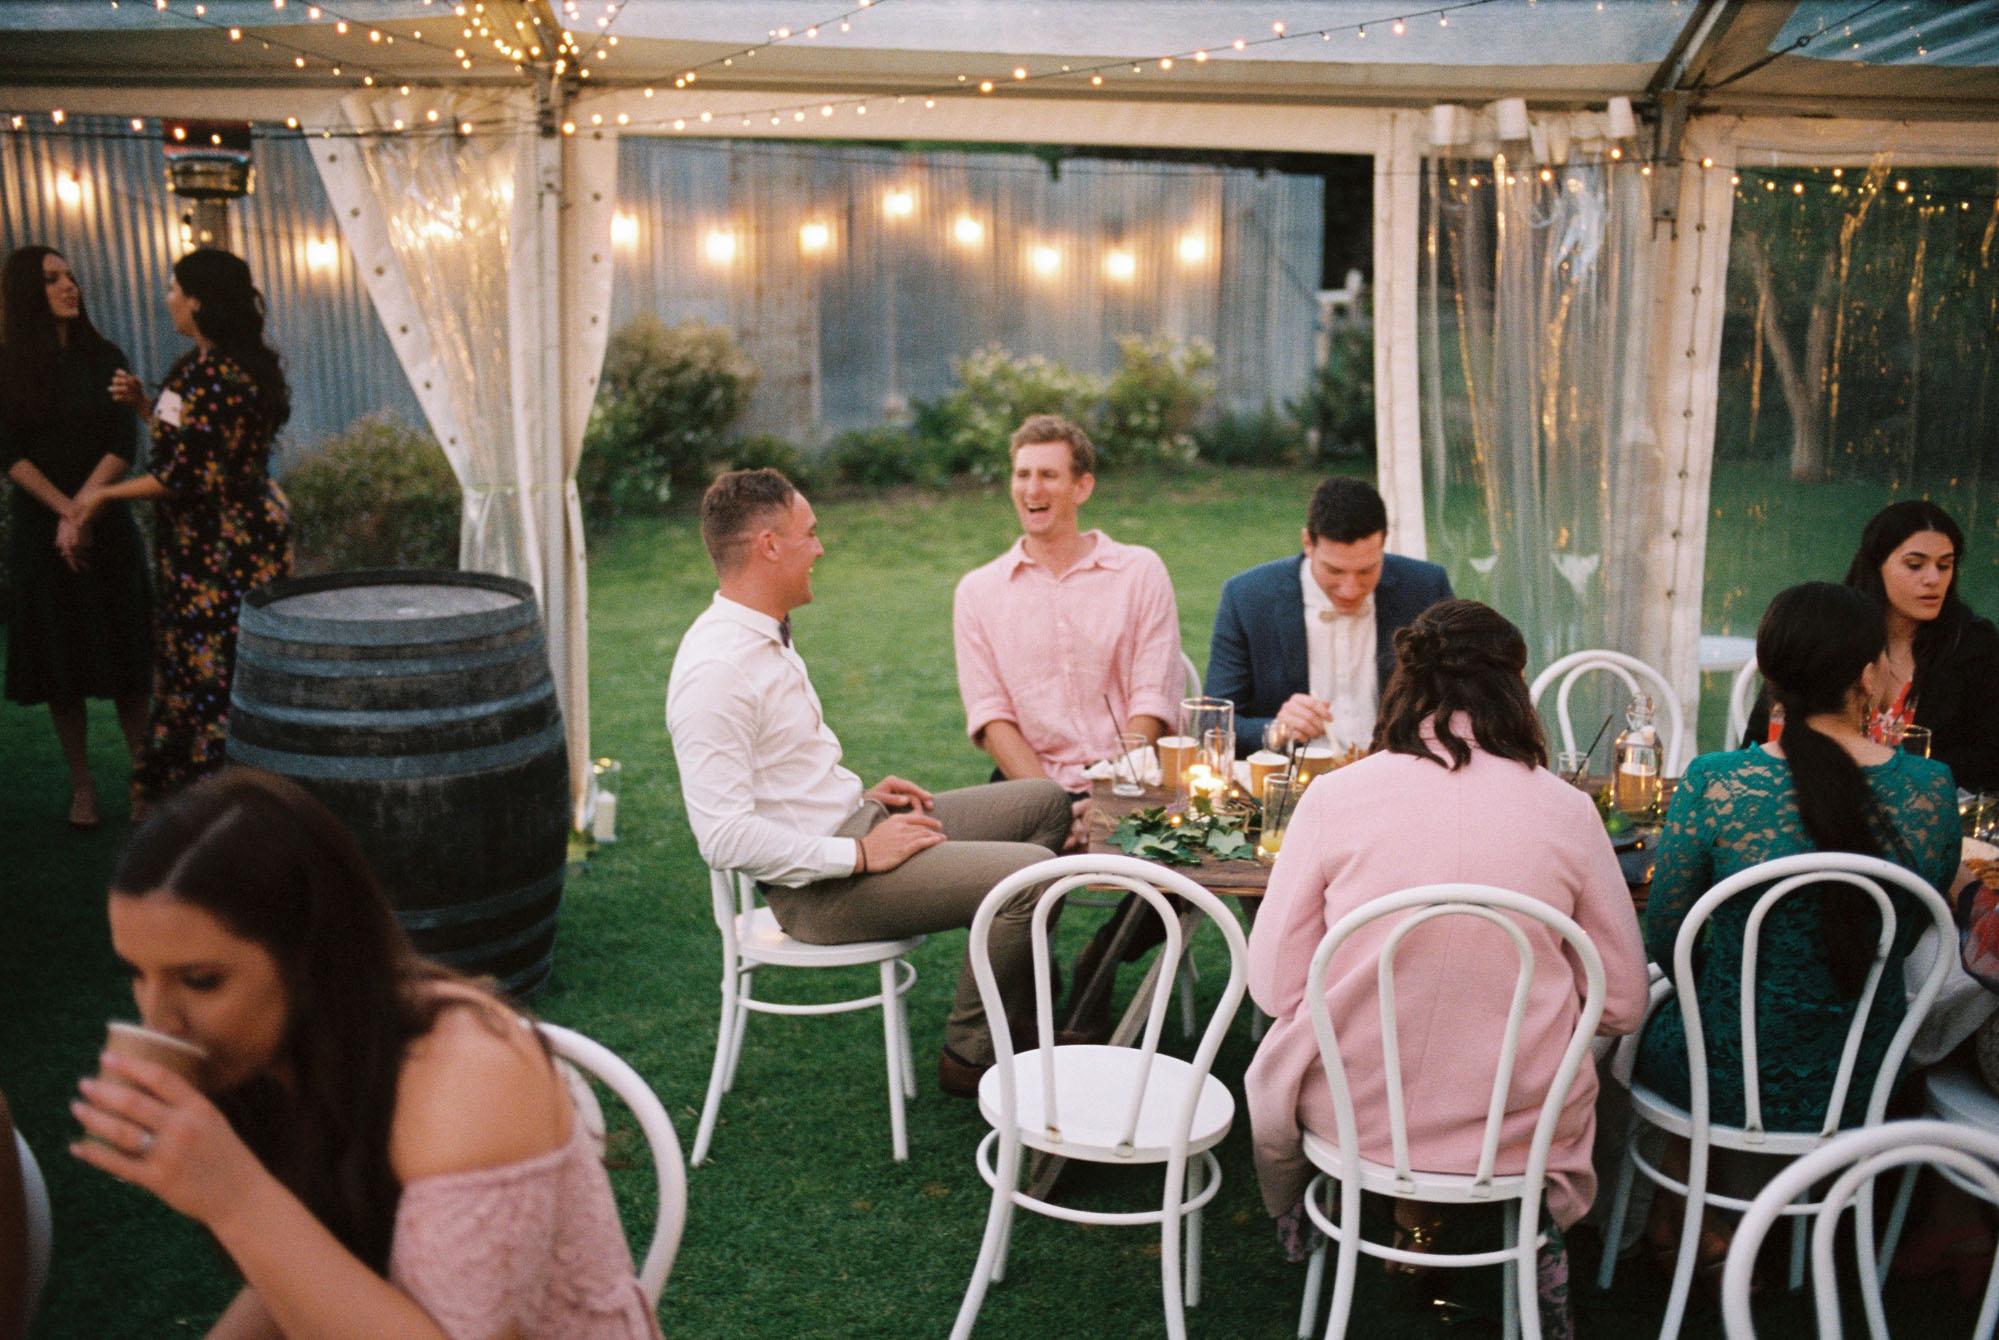 Whitehouse-hahndorf-wedding-photography-103.jpg